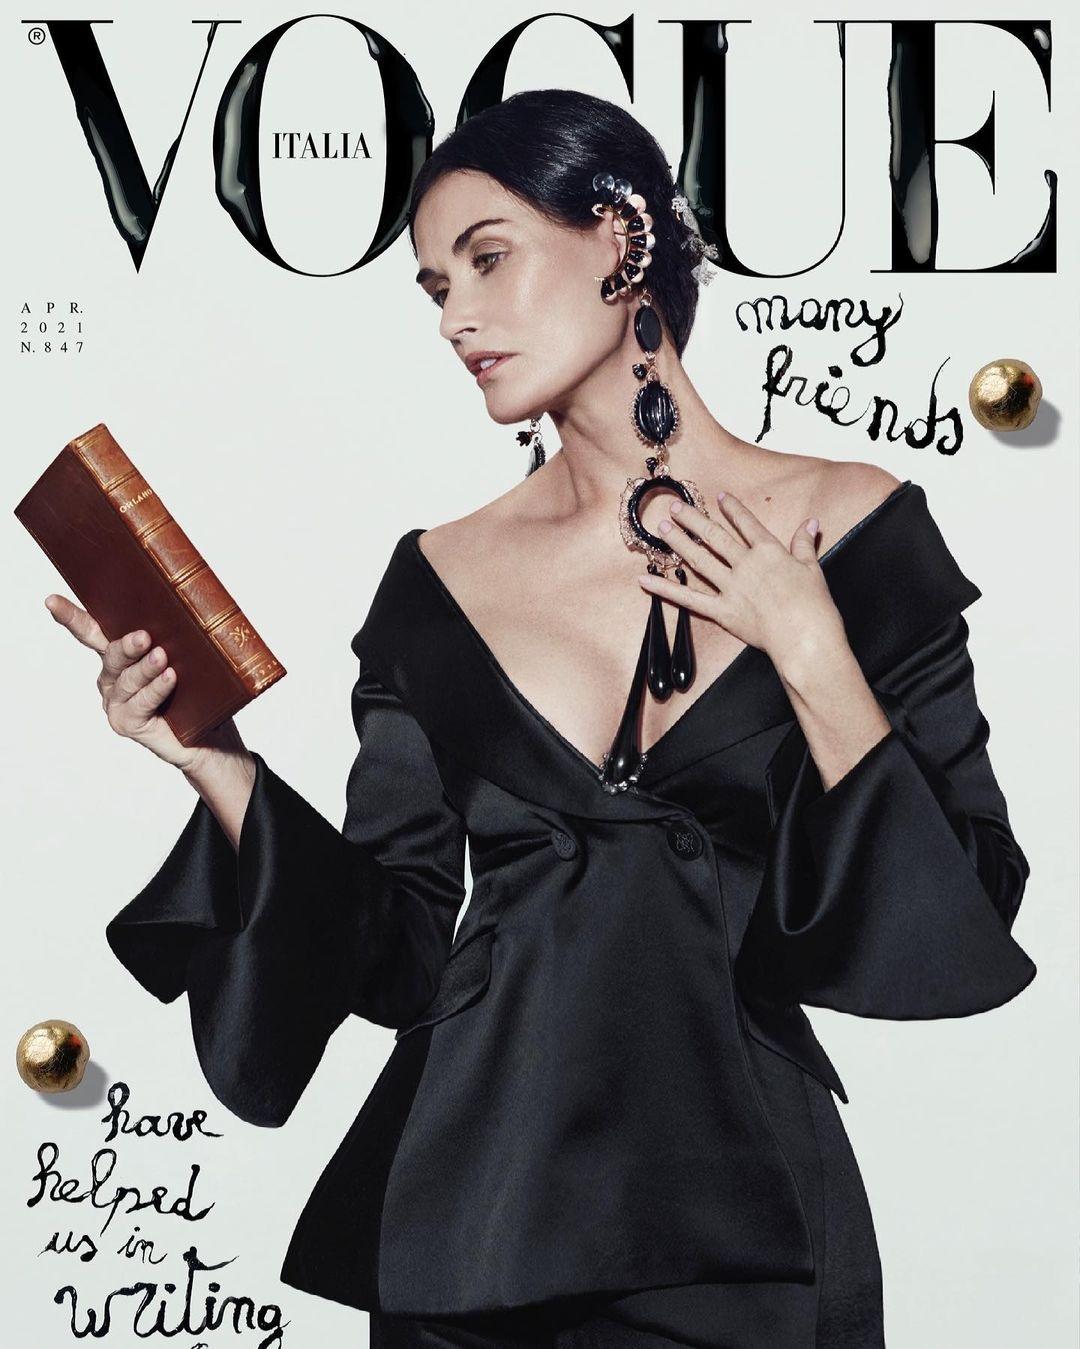 Деми Мур украсила обложку глянцевого журнала Vogue (ФОТО) - фото №1